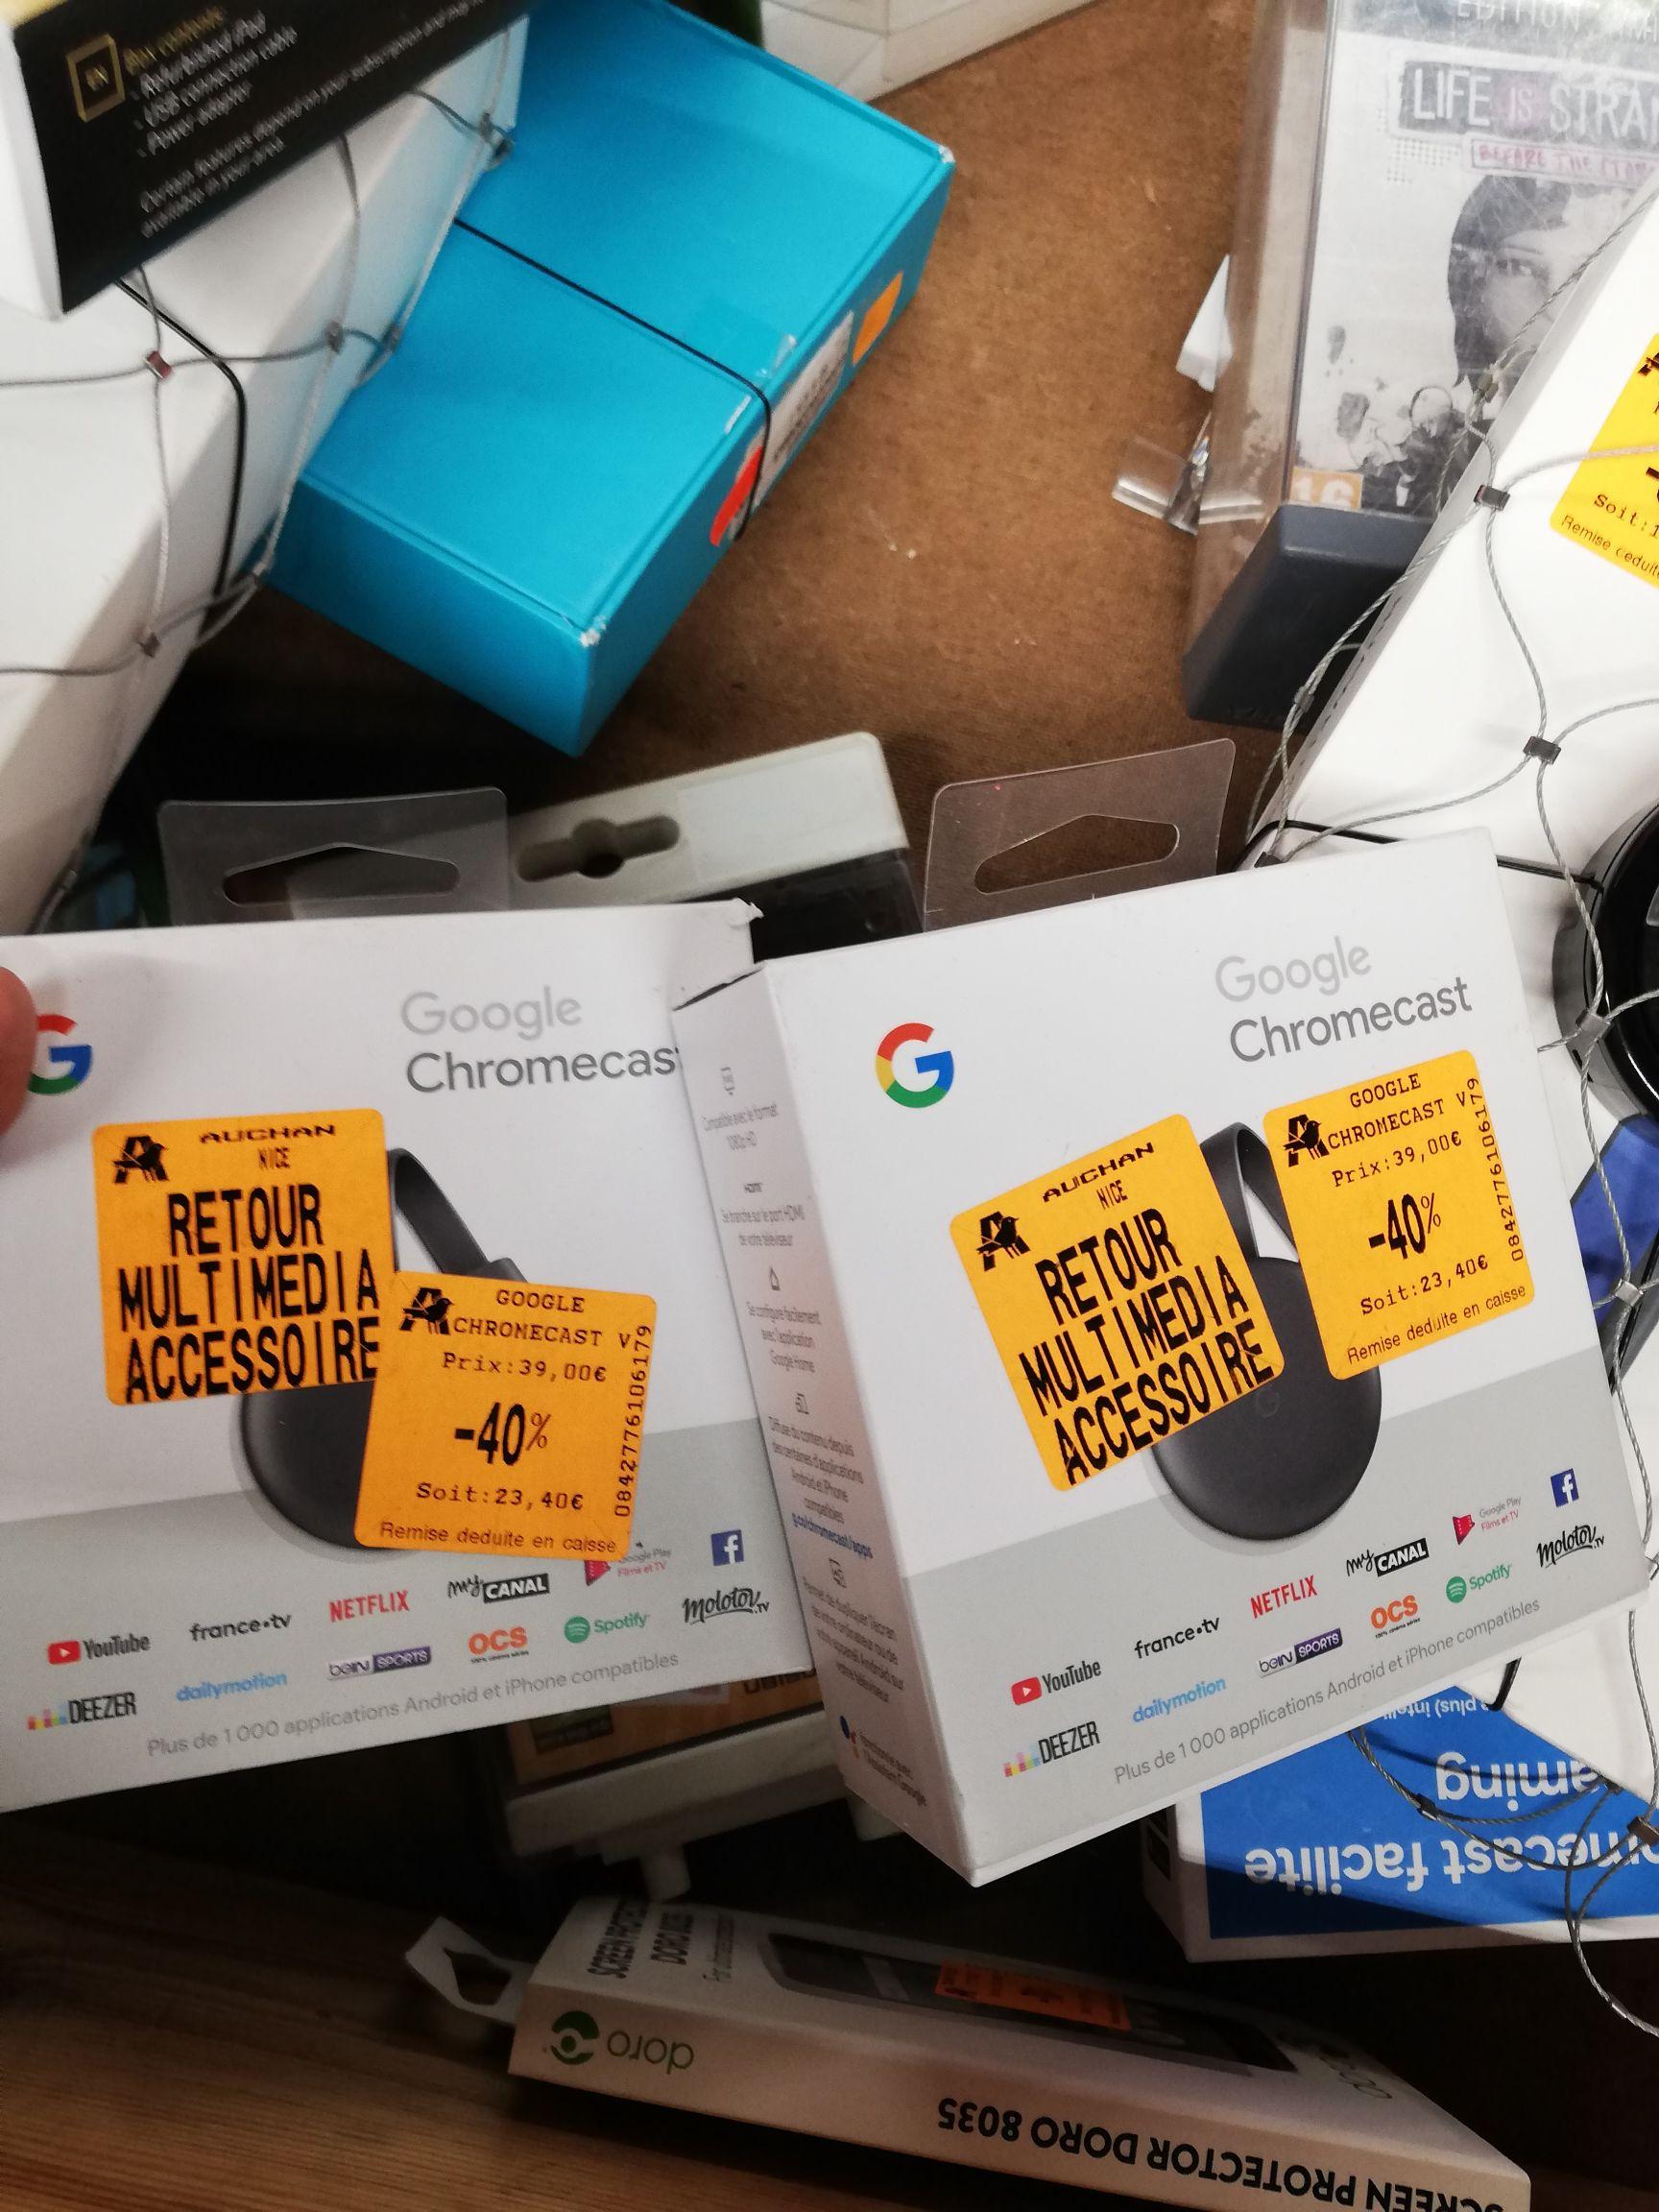 Clé multimedia Google chromecast - Auchan la trinité (06)